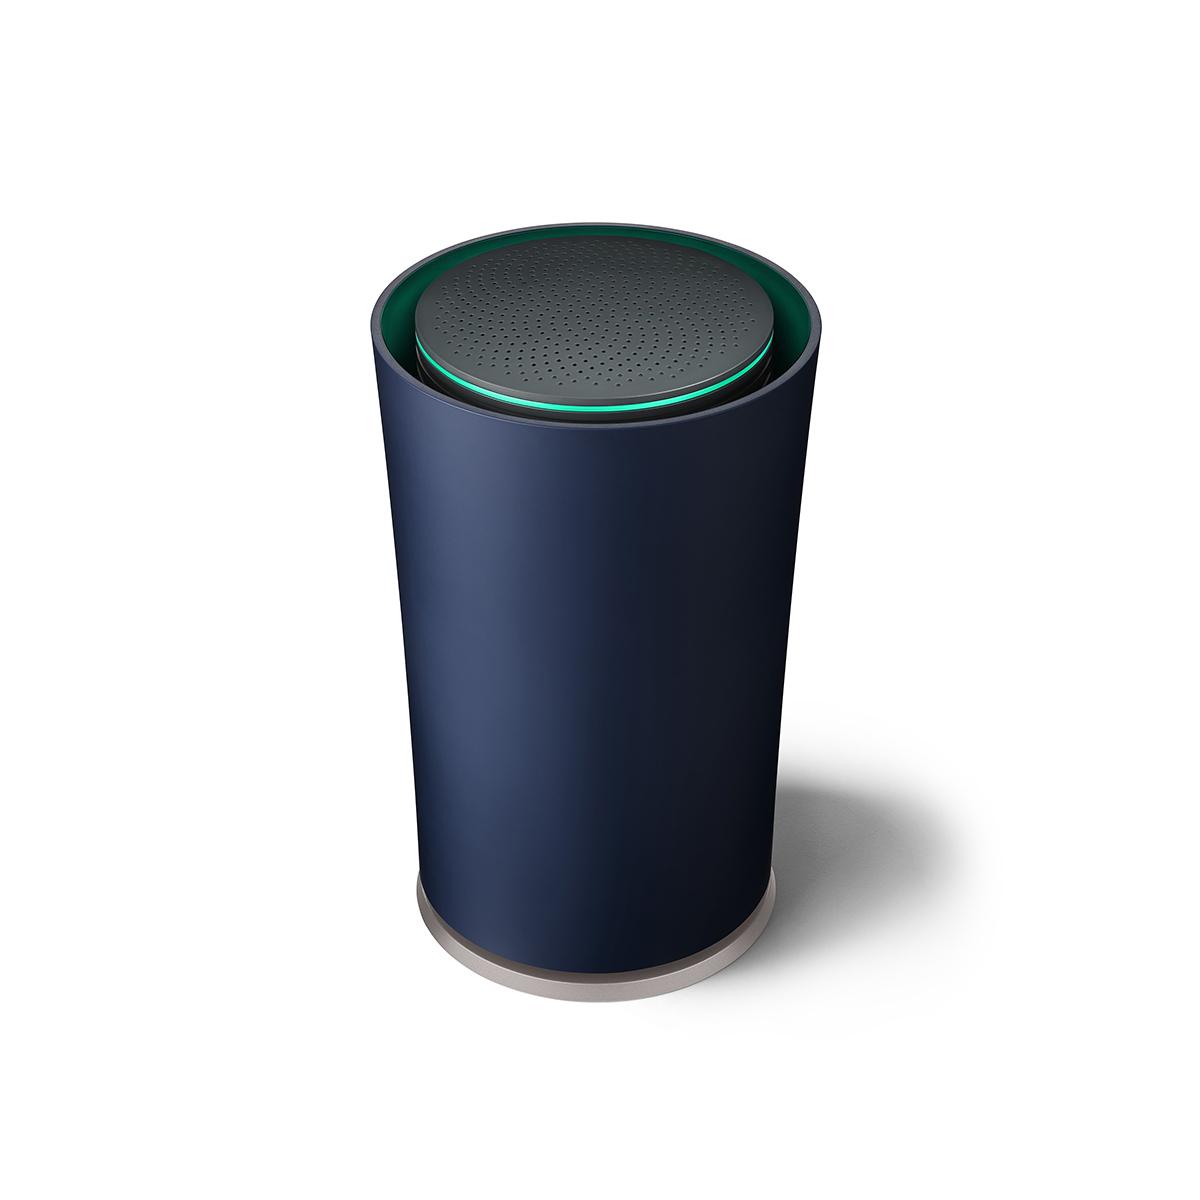 4. Google, On hub, 1750 kronor